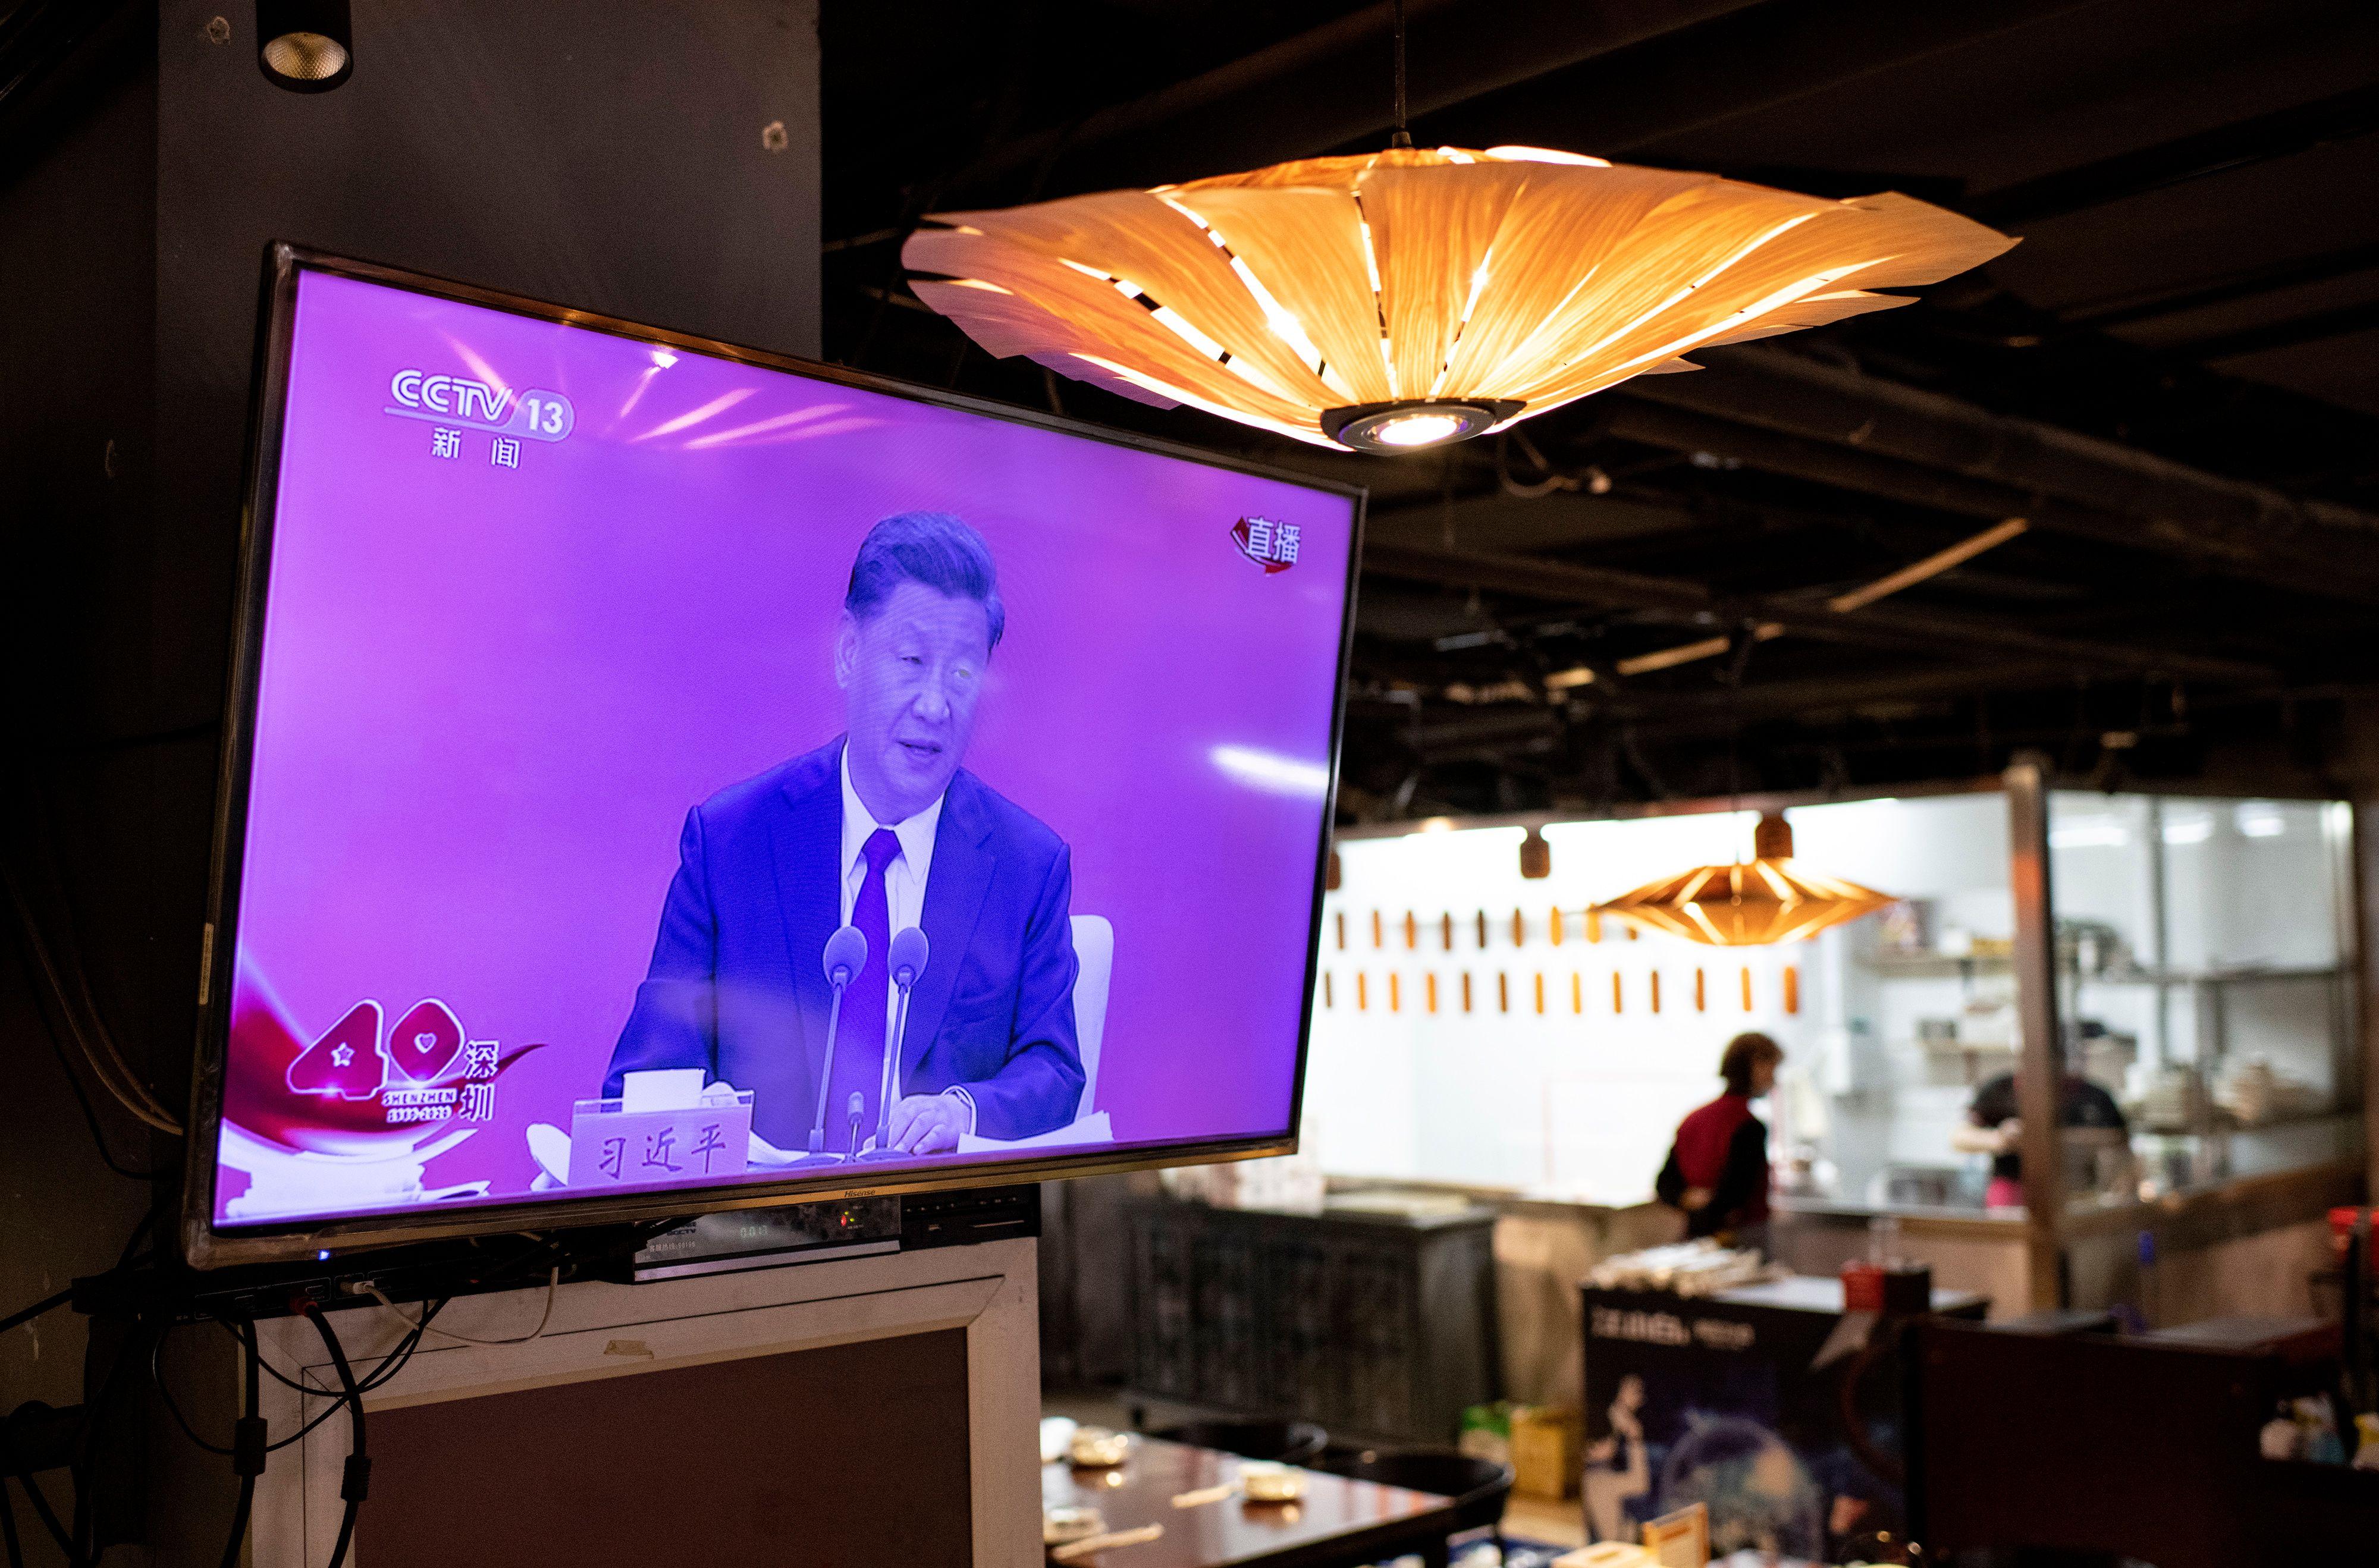 深圳巨額投資天使母基金 為失敗者買單遭諷